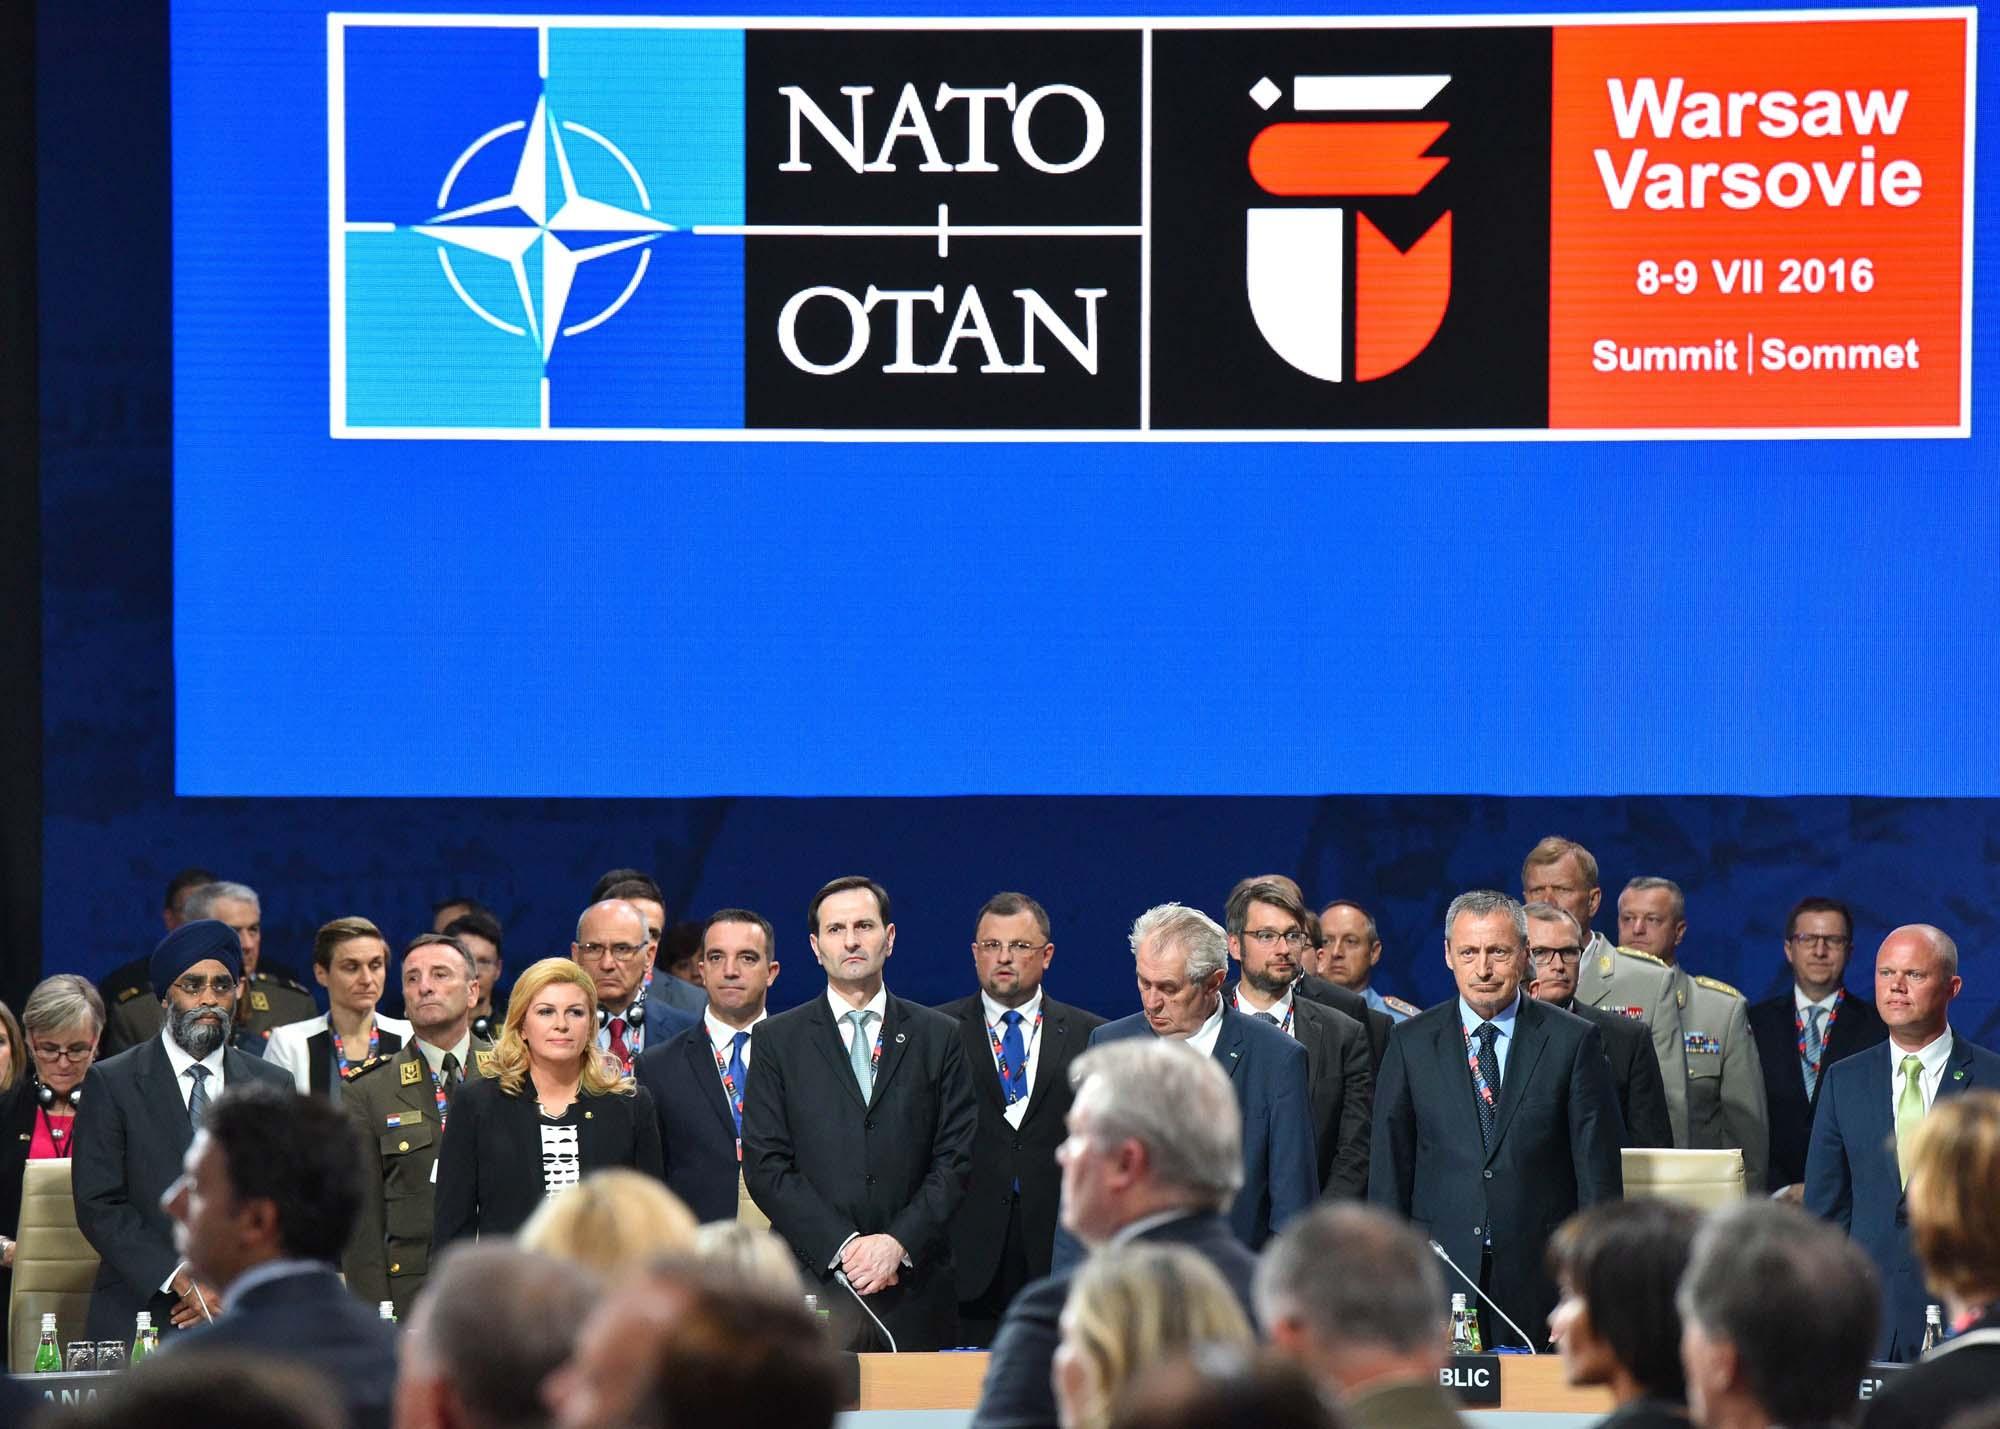 Predsjednica Grabar-Kitarović sudjeluje na Sastanku na vrhu Sjevernoatlantskog saveza u Varšavi